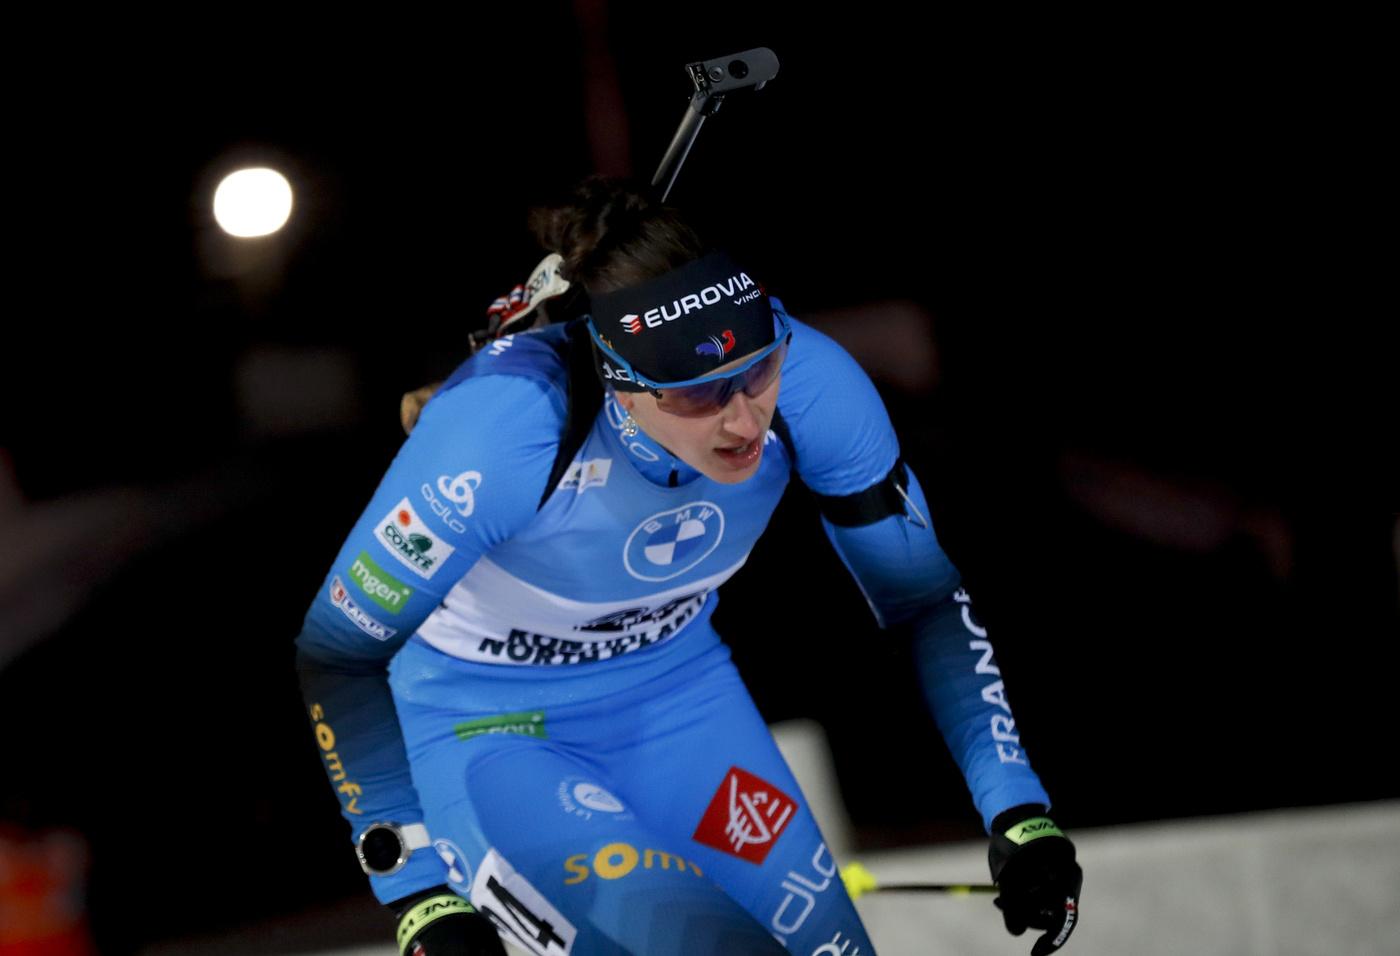 Biathlon, Simon regola Preuss e trionfa nella mass start di Oberhof. Grande beffa per Wierer che chiude sesta